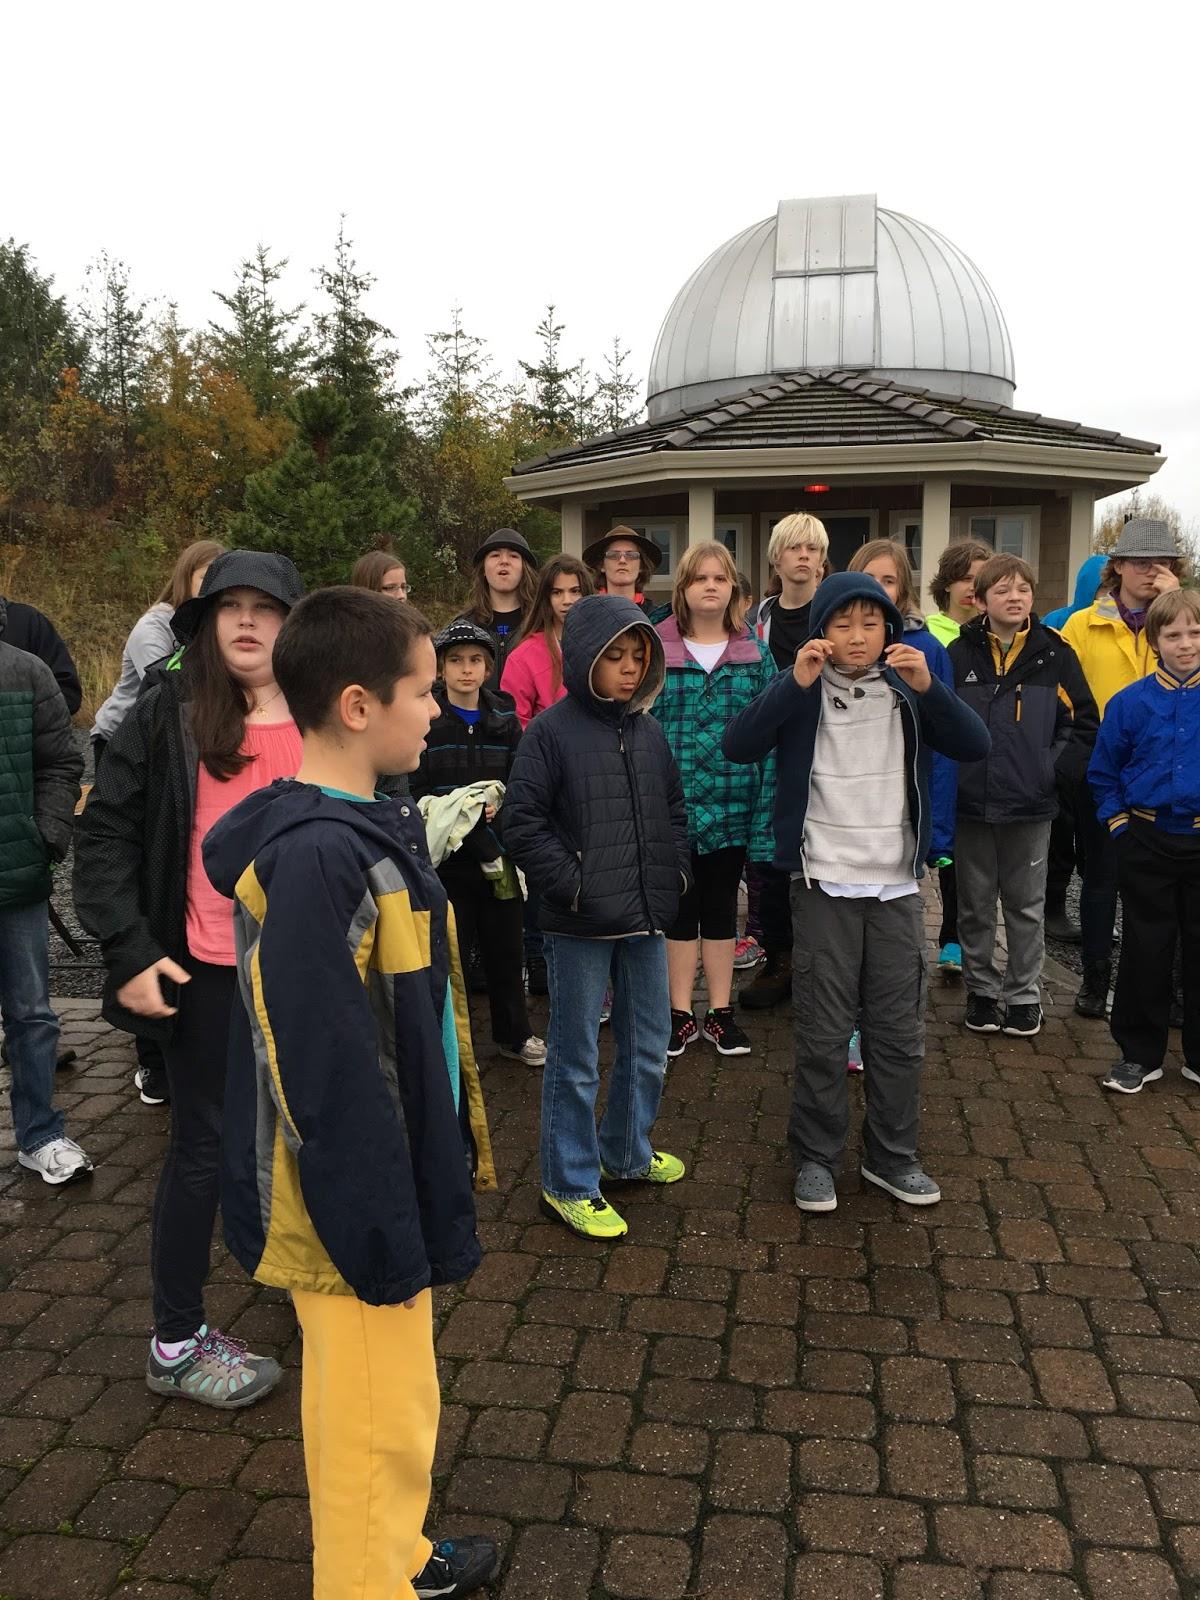 Seabury Middle School: Astronomy Fun